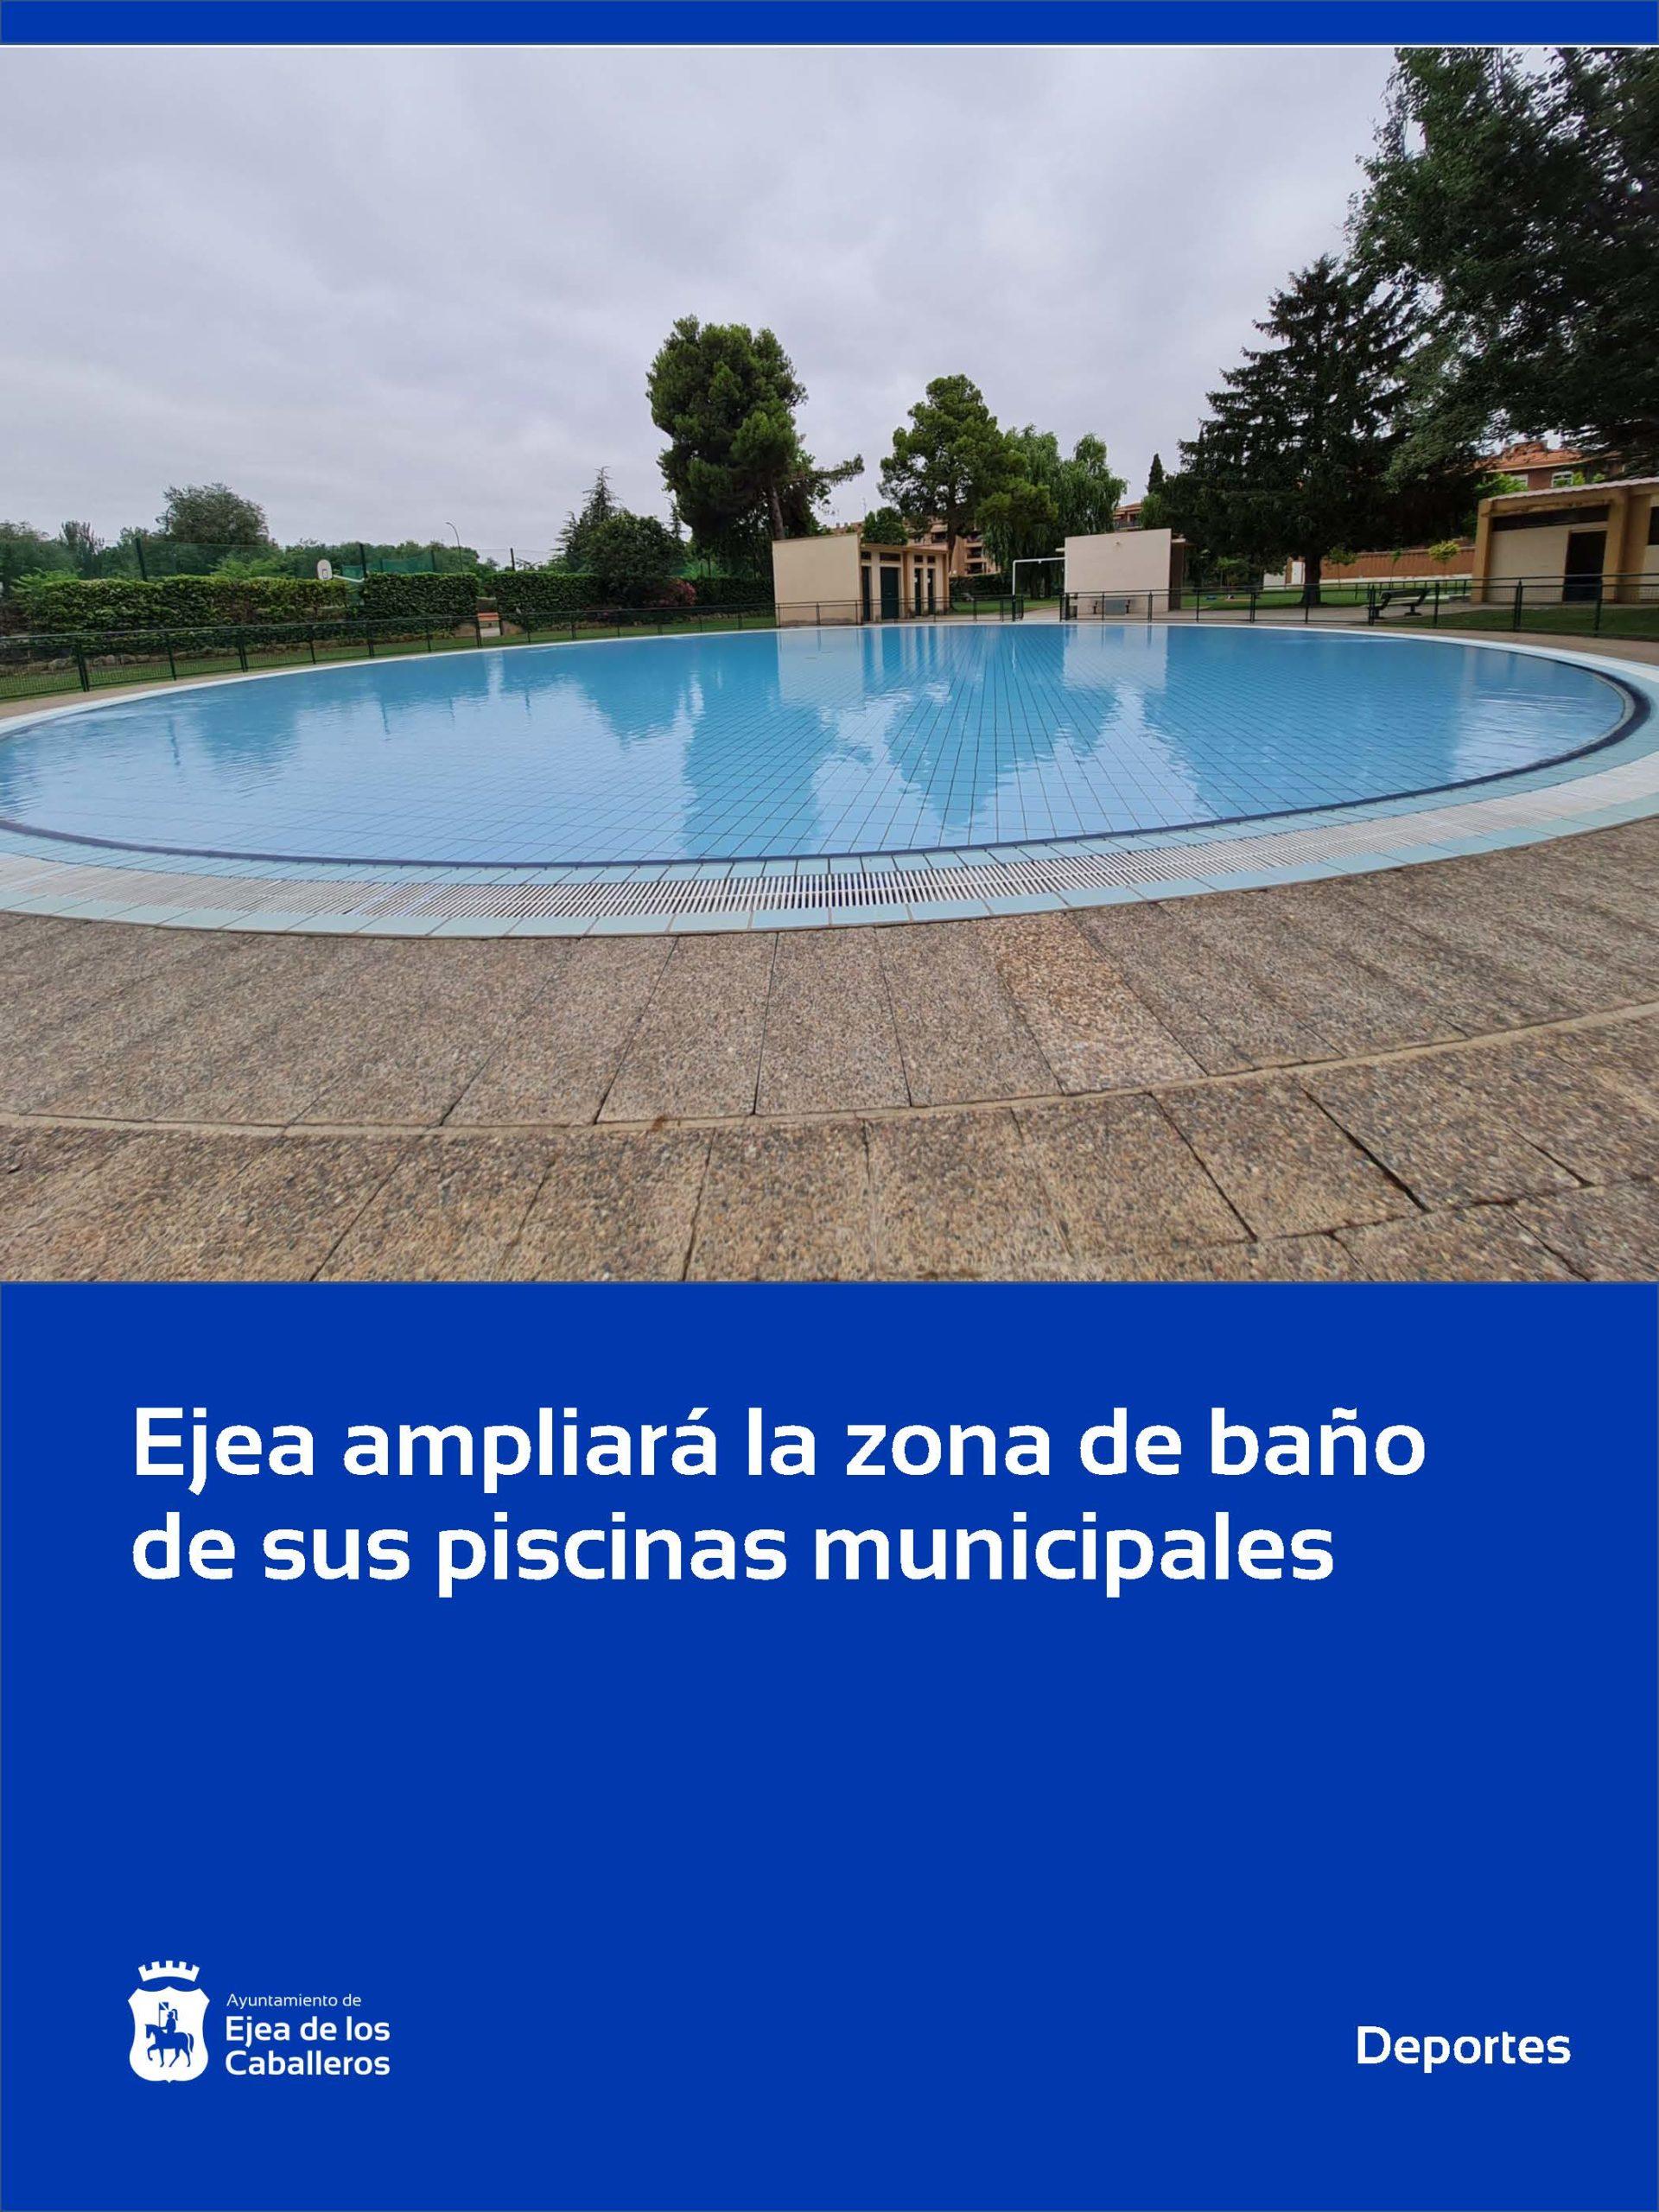 En este momento estás viendo Aprobadas las obras de ampliación de la zona de baño de las piscinas de Ejea